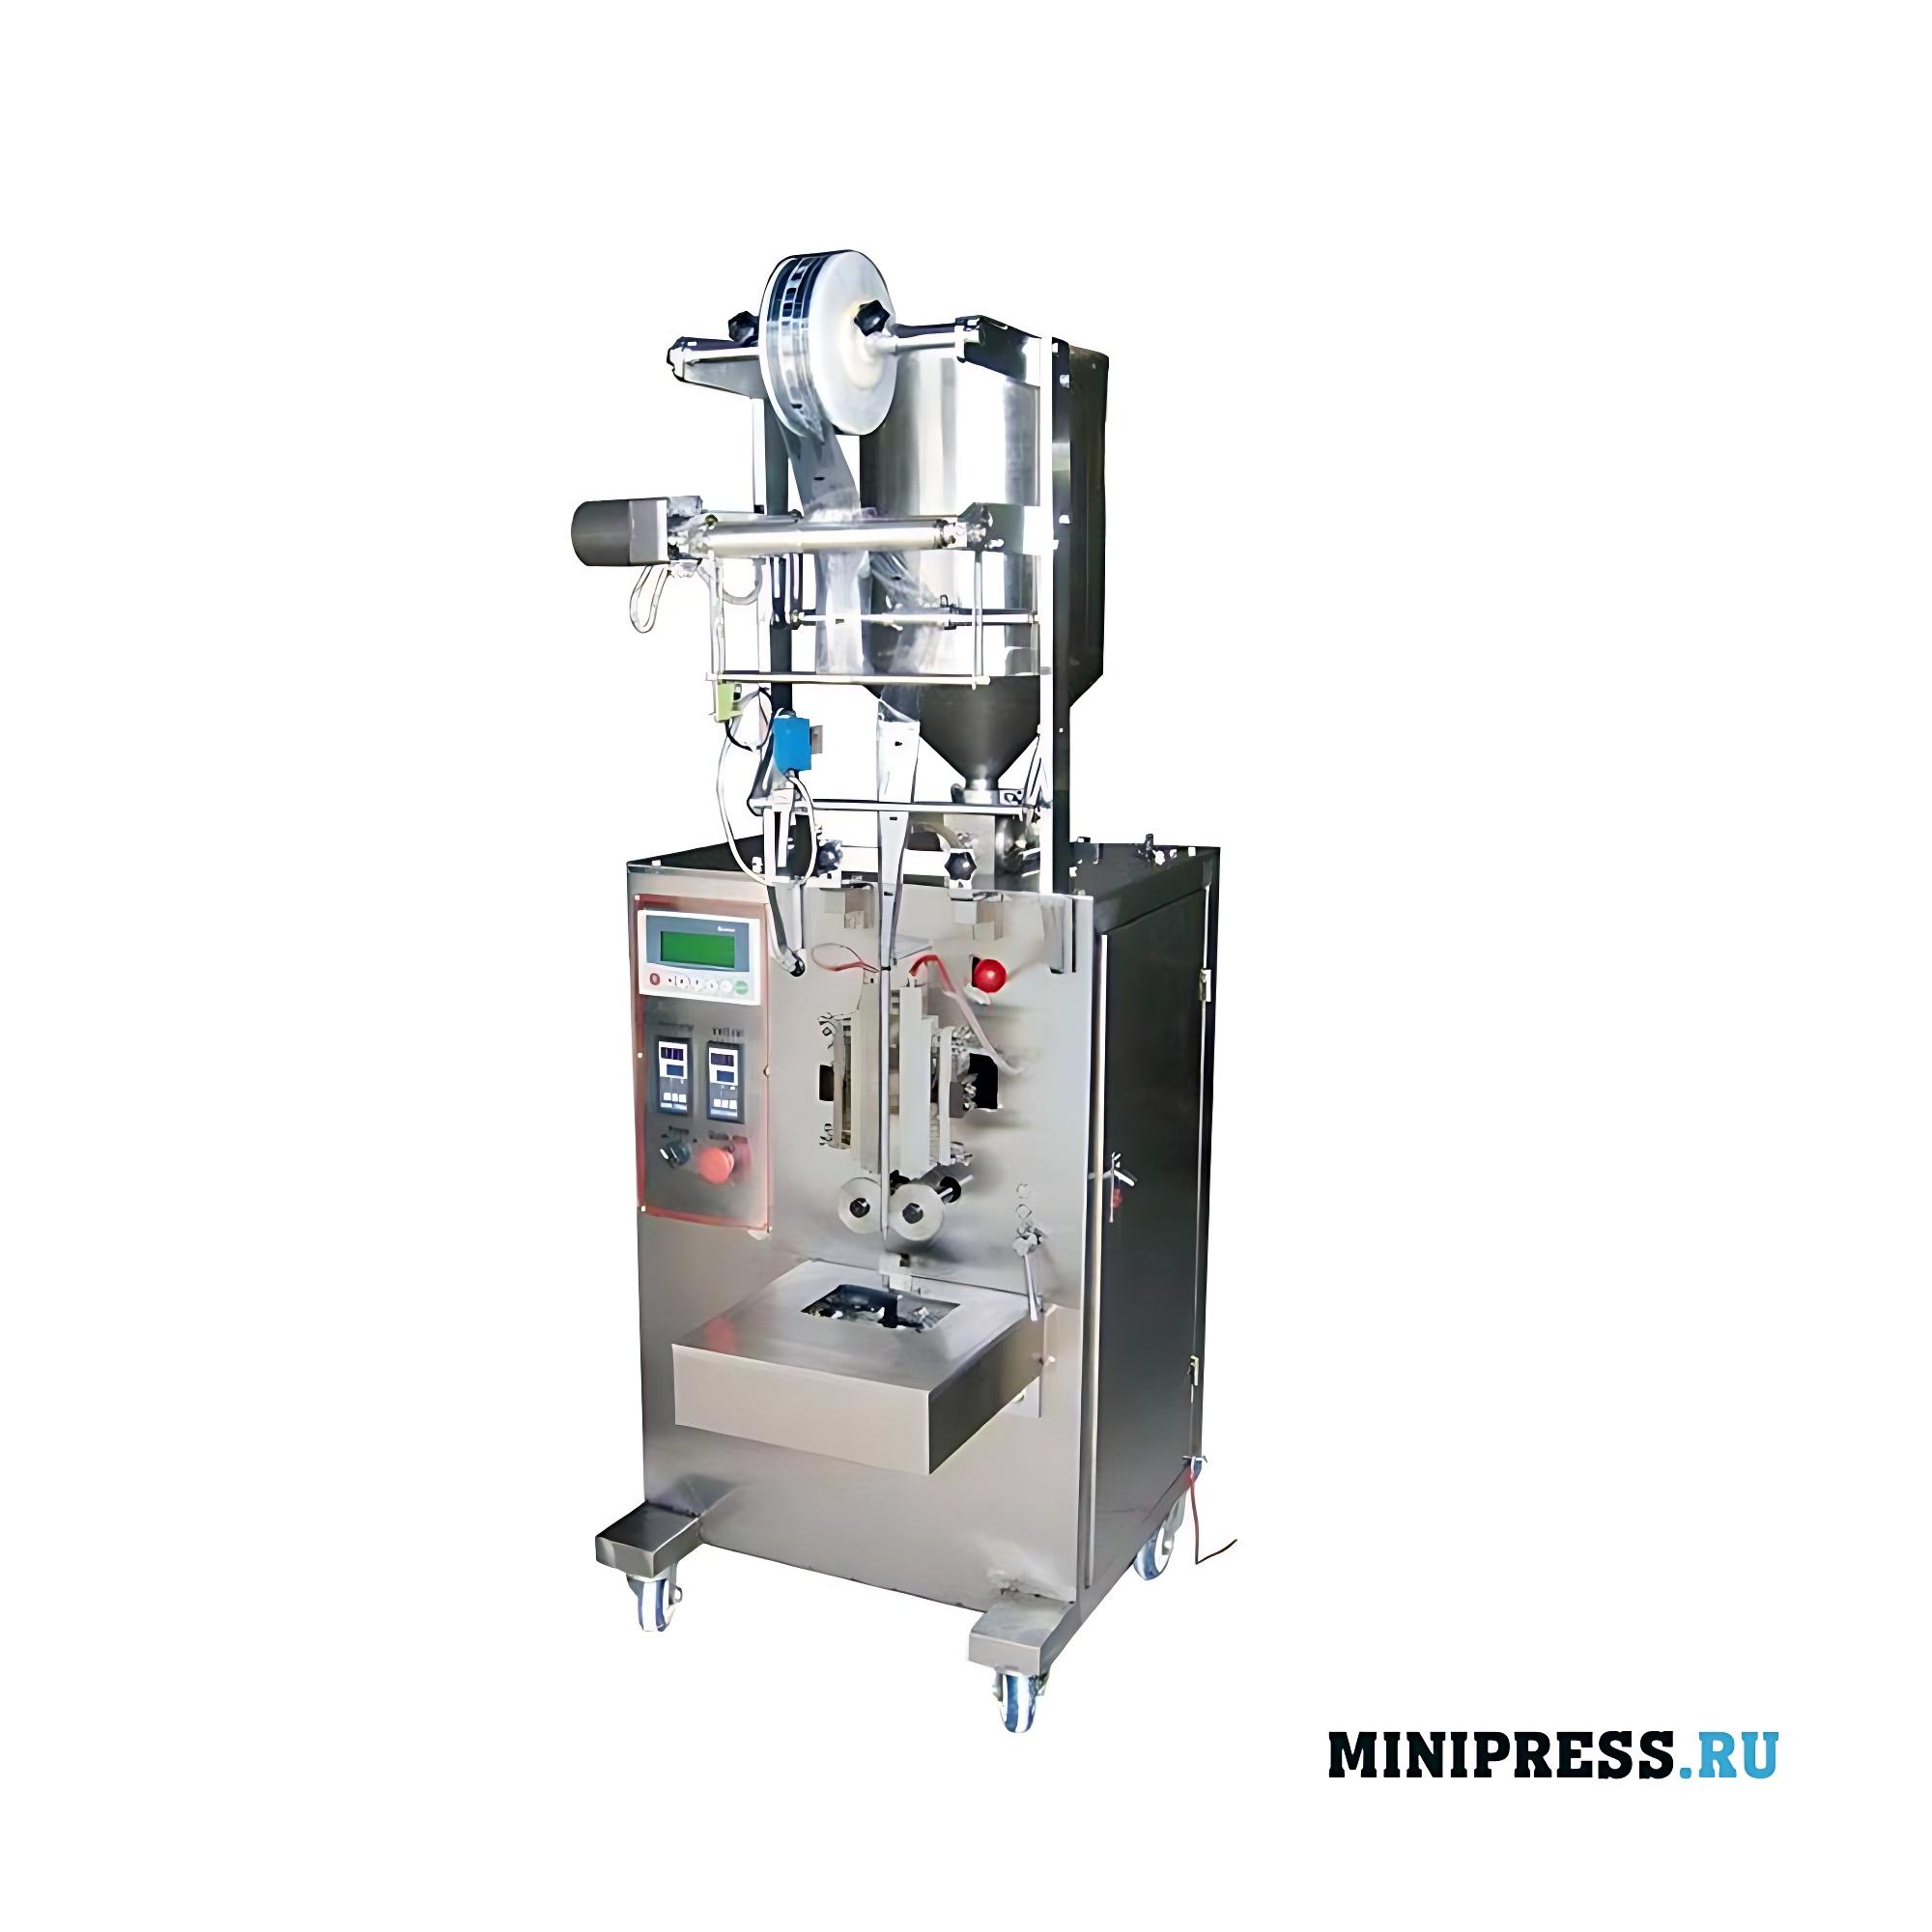 Вертикальное оборудование для фасовки и герметизации